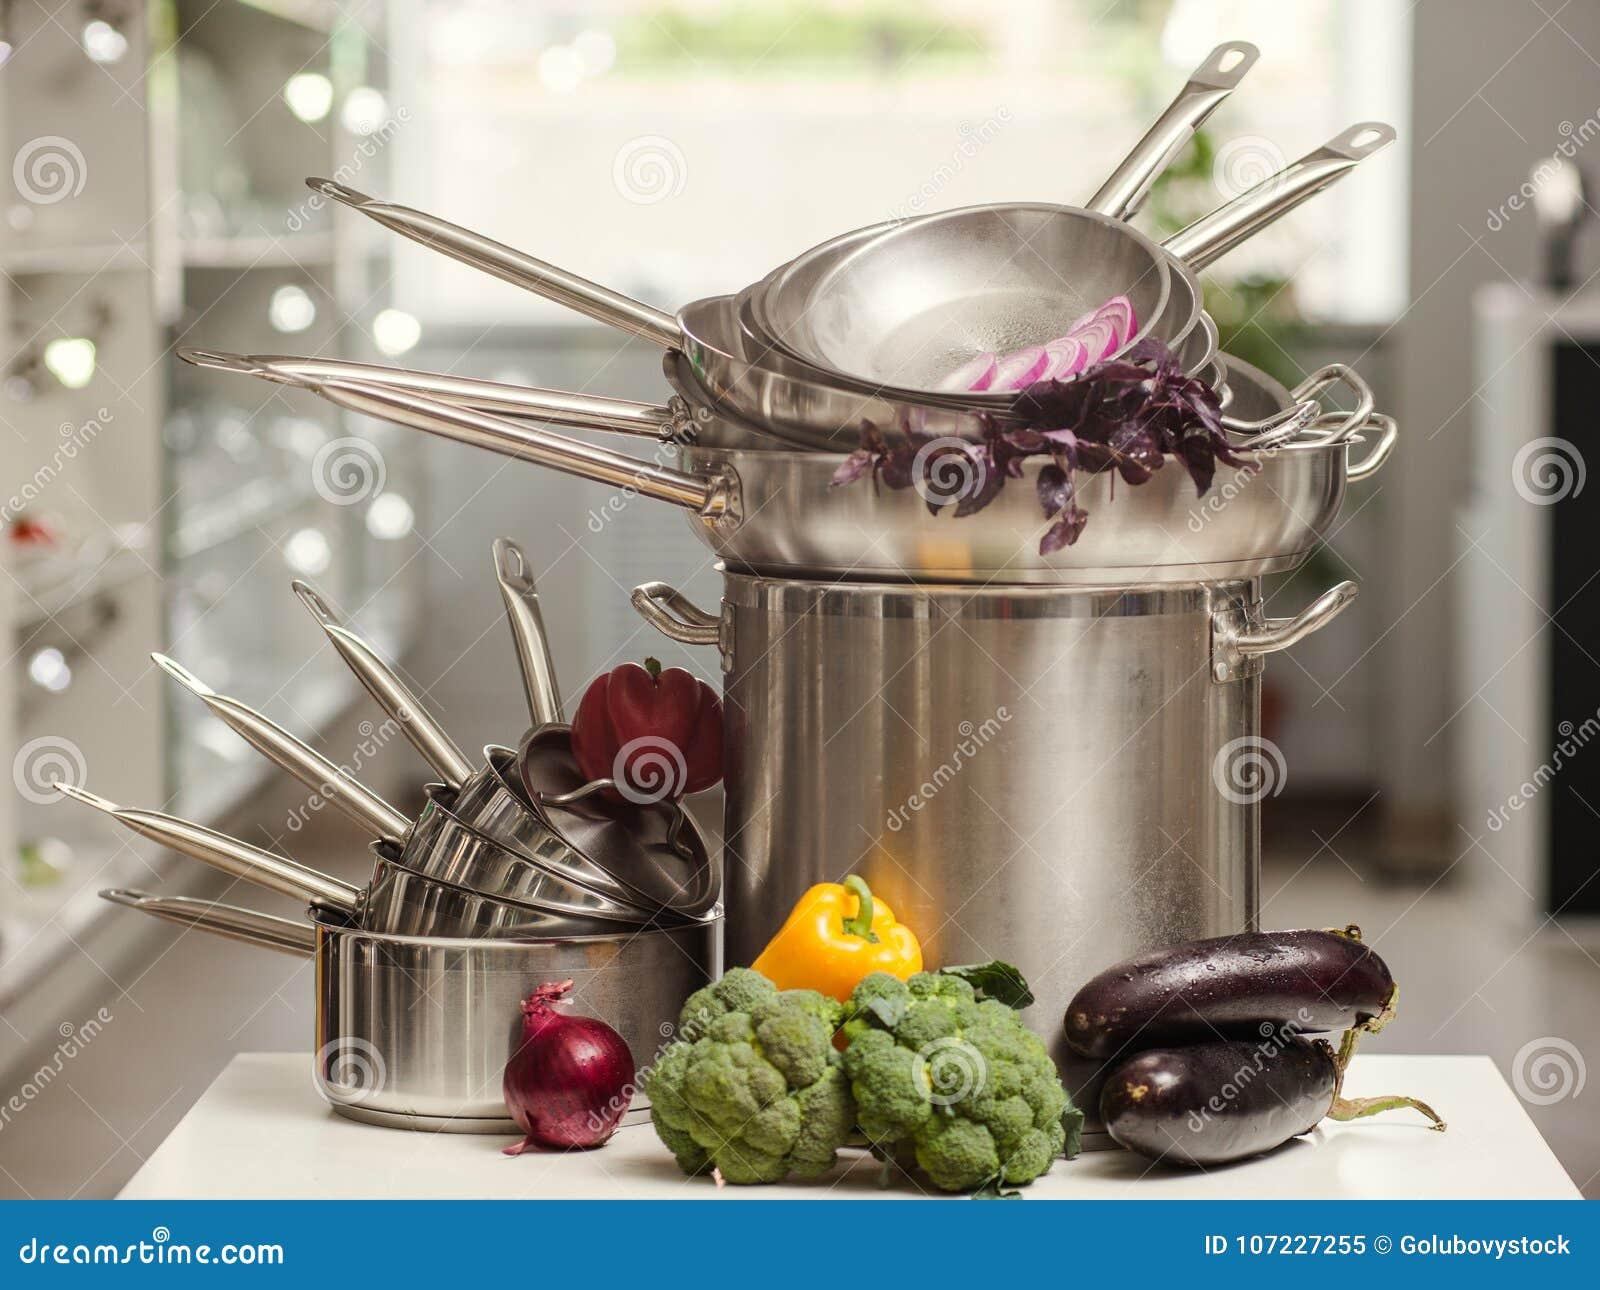 Utensilios De Cocina Profesional | Utensilios Profesionales De La Cocina Que Cocinan La Comida Imagen